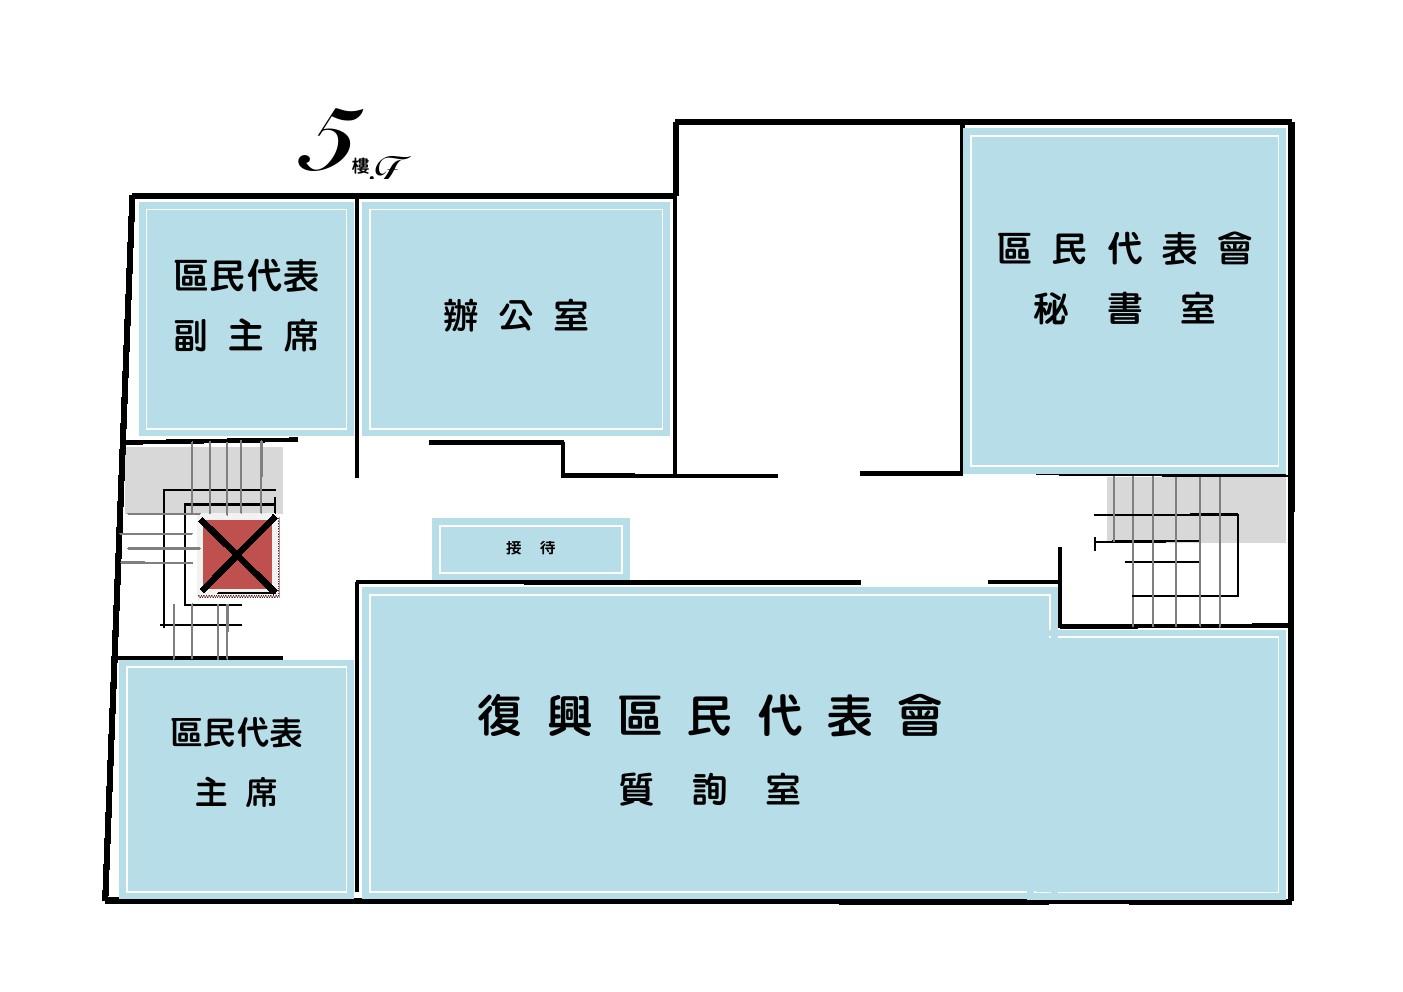 辦公室配置圖5F